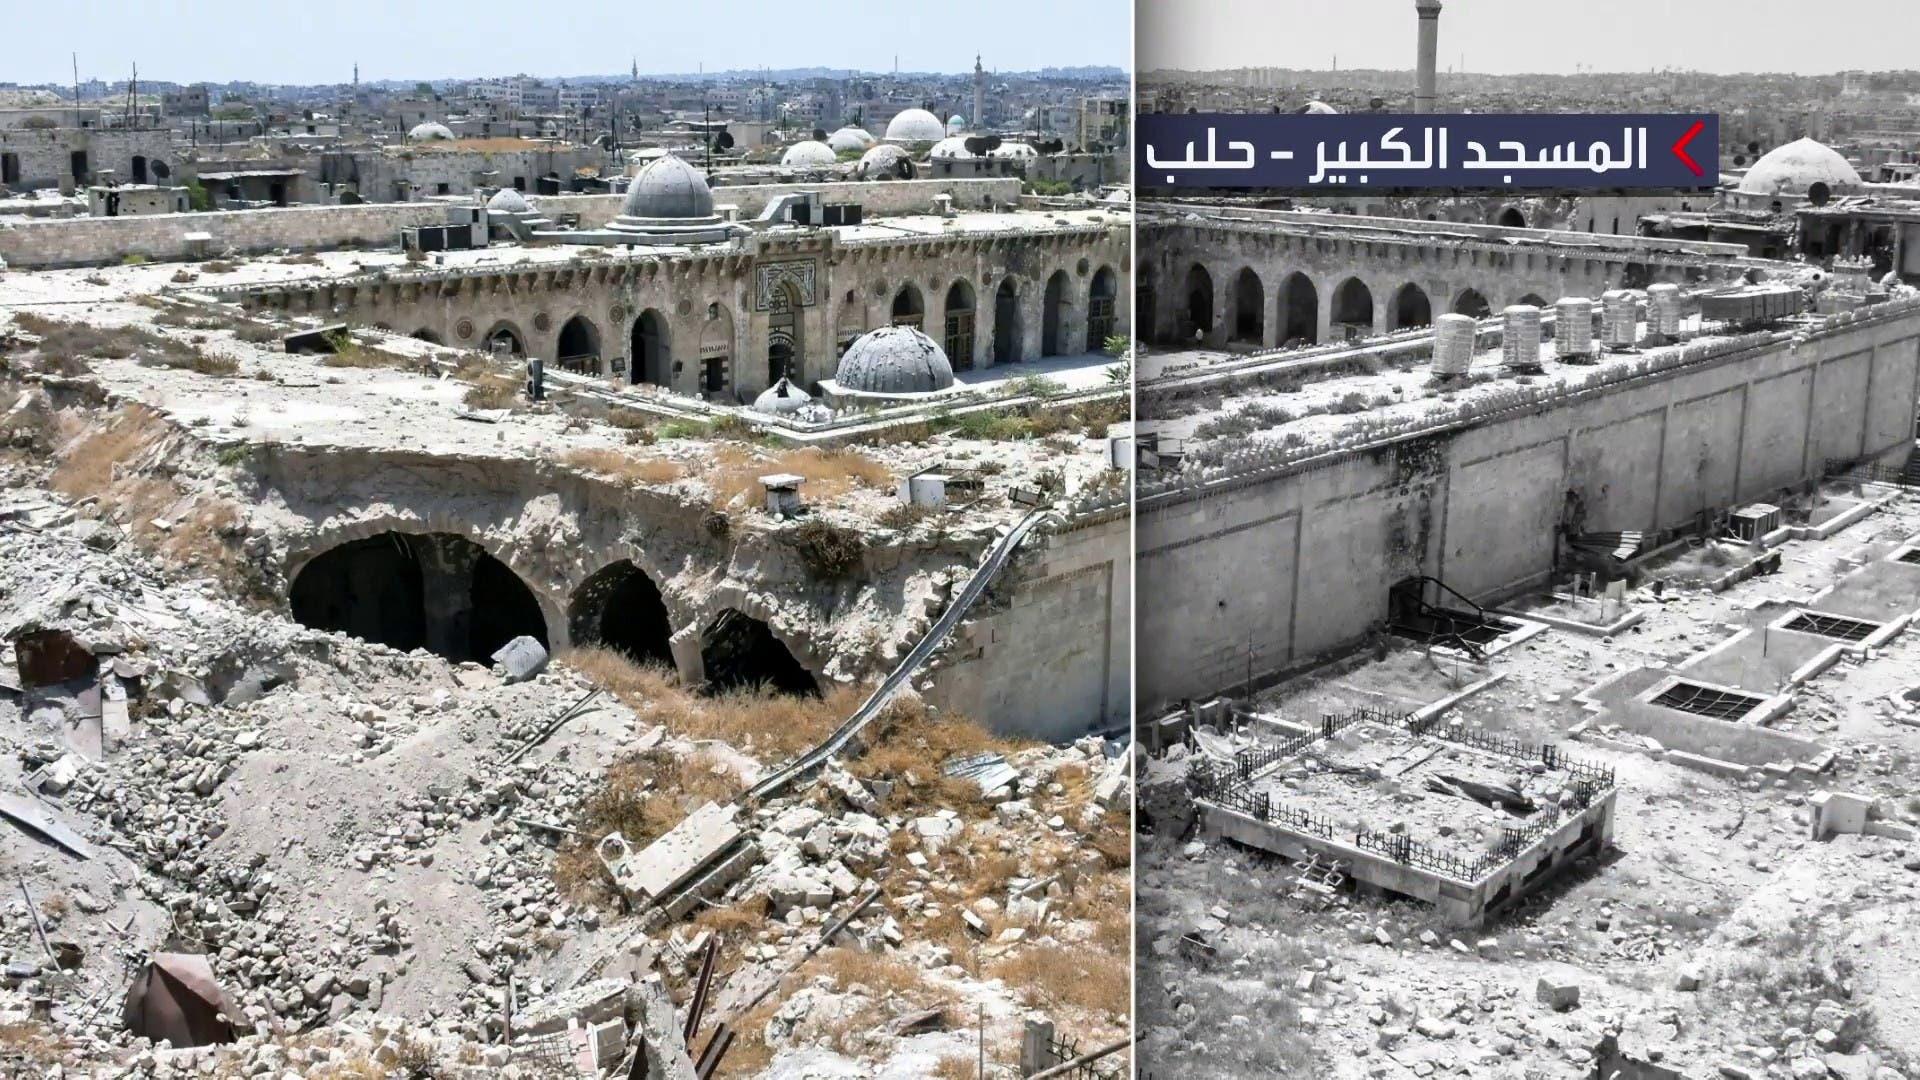 آثار ویرانی در سوریه